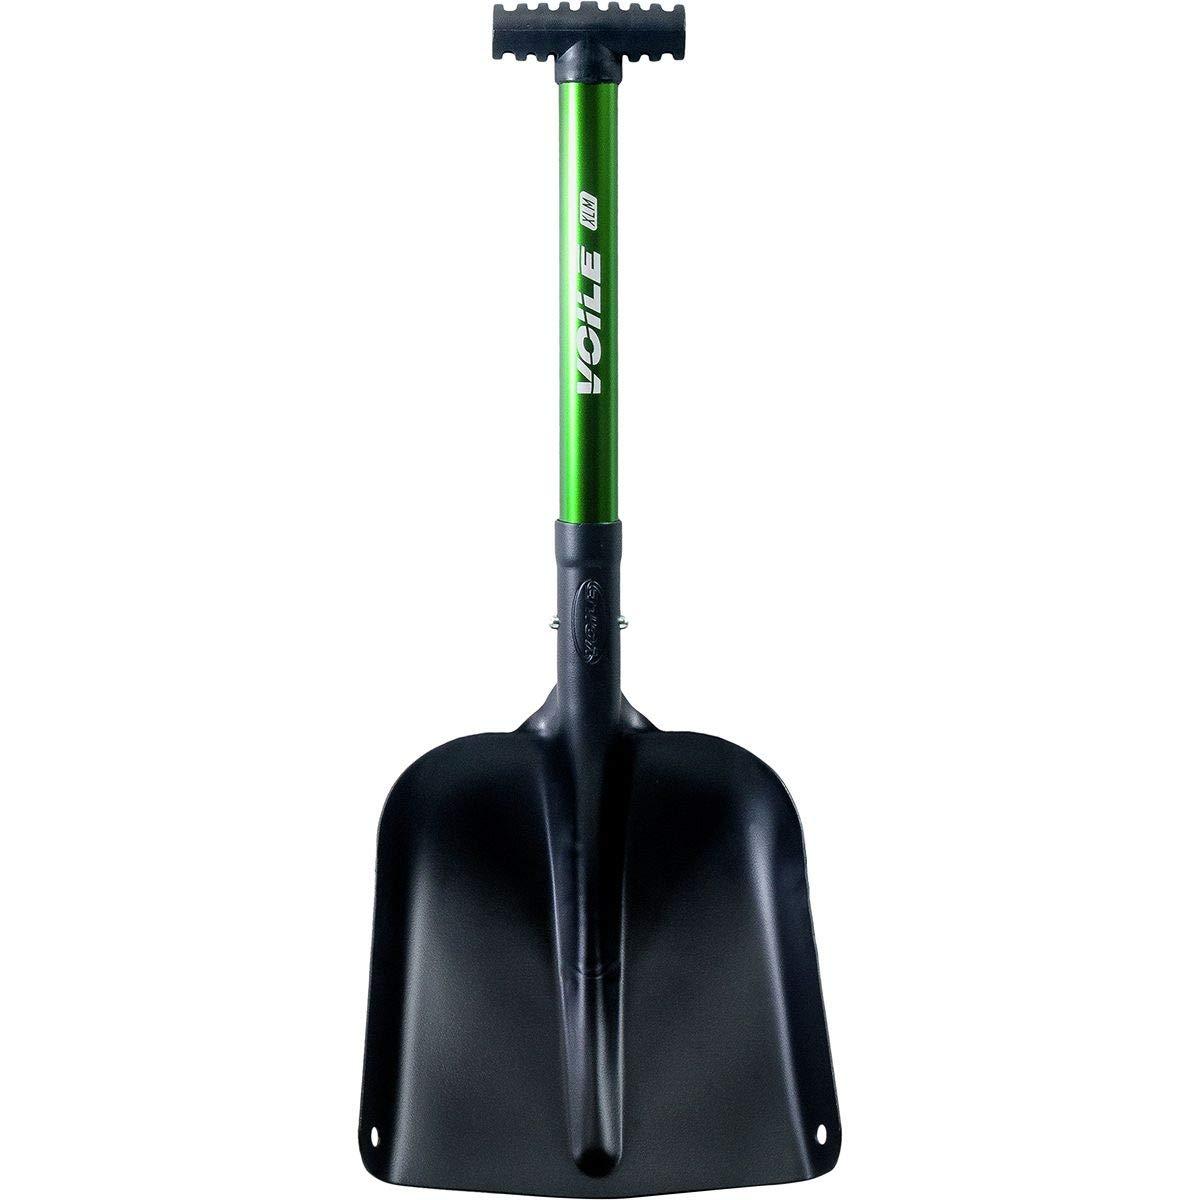 Xlm Mini Avalanche Shovel by Voile